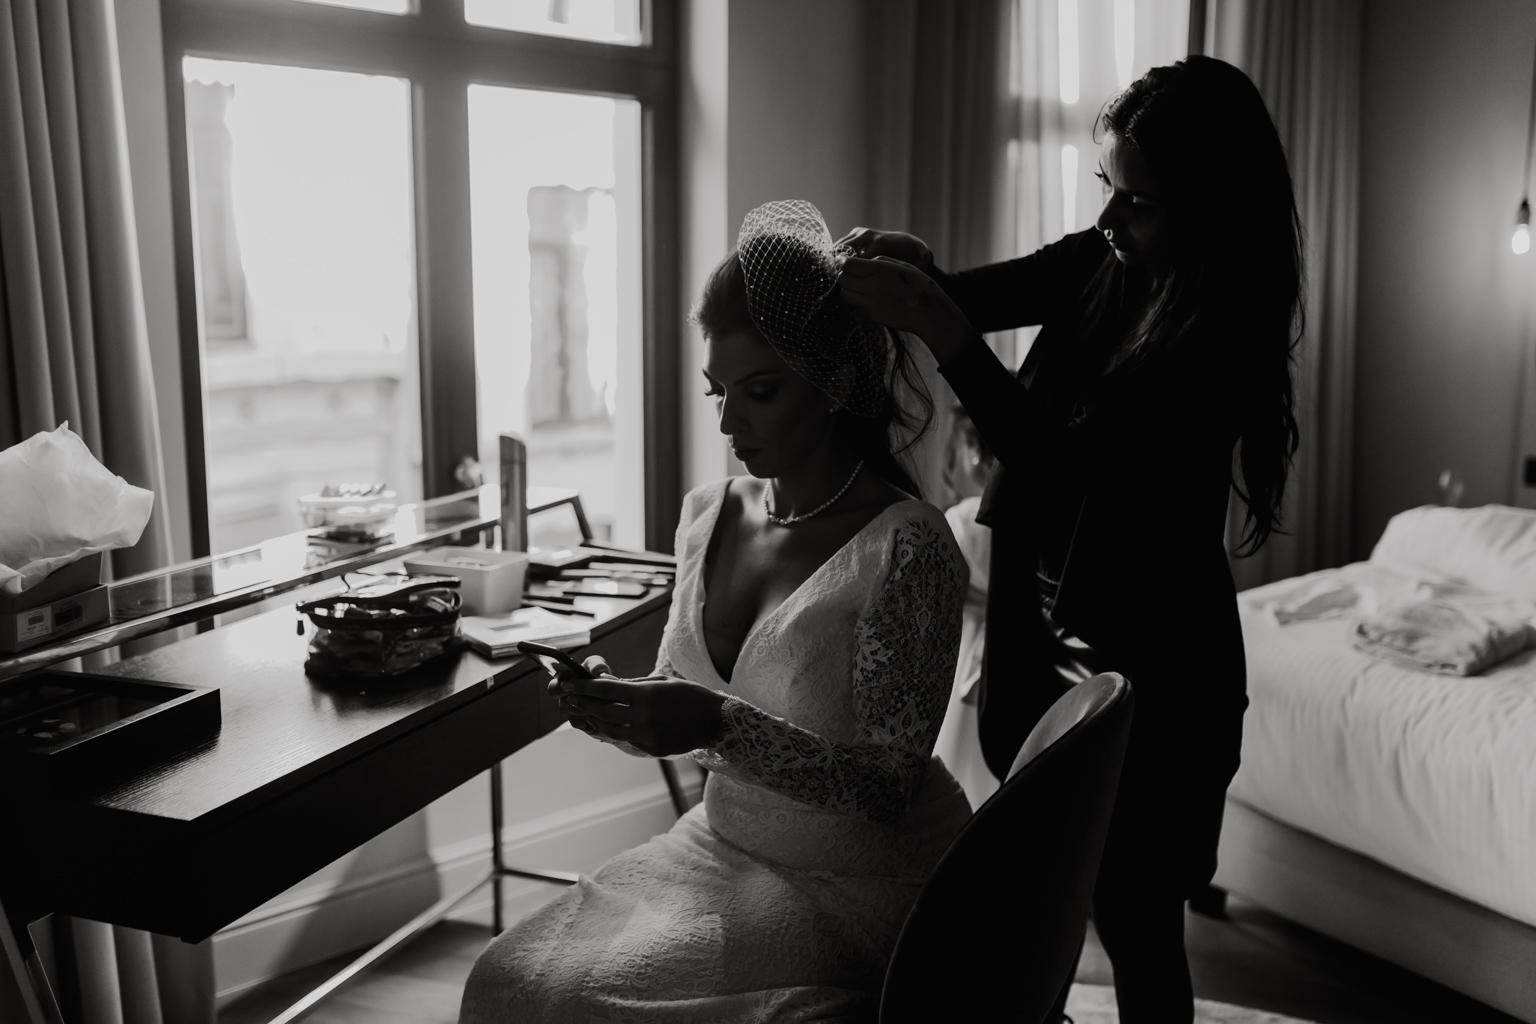 huwelijksfotografie_antwerpen_roxannedanckers-41.jpg